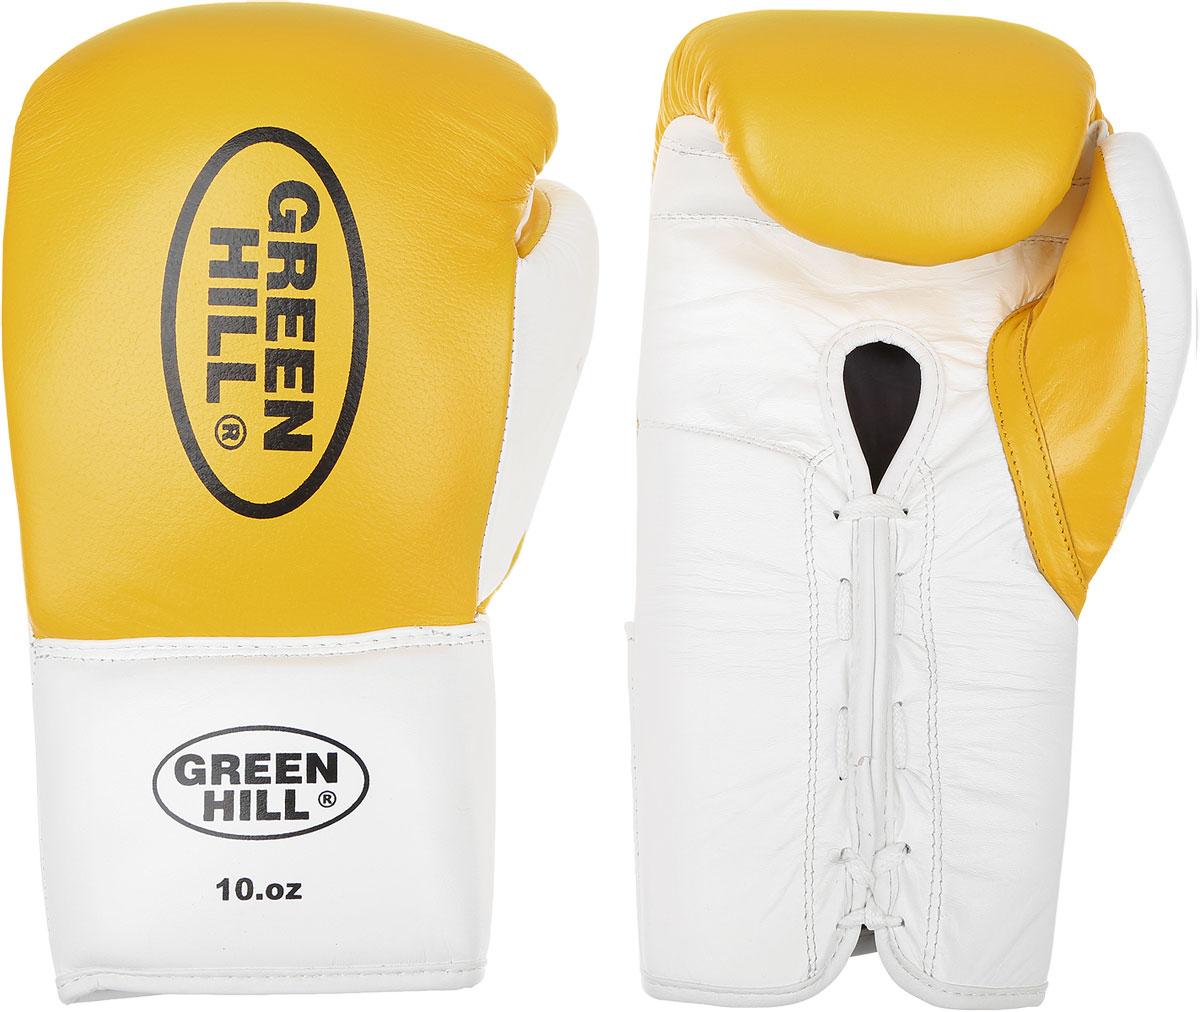 Перчатки боксерские Green Hill Proffi, цвет: желтый, черный, белый. Вес 10 унций. BGP-2014BGP-2014Боксерские перчатки Green Hill Proffi предназначены для использования профессионалами. Верх выполнен из натуральной кожи, наполнитель - из вспененного полимера. Отверстие в области ладони позволяет создать максимально комфортный терморежим во время занятий. Манжет на шнуровке способствует быстрому и удобному надеванию перчаток, плотно фиксирует перчатки на руке.